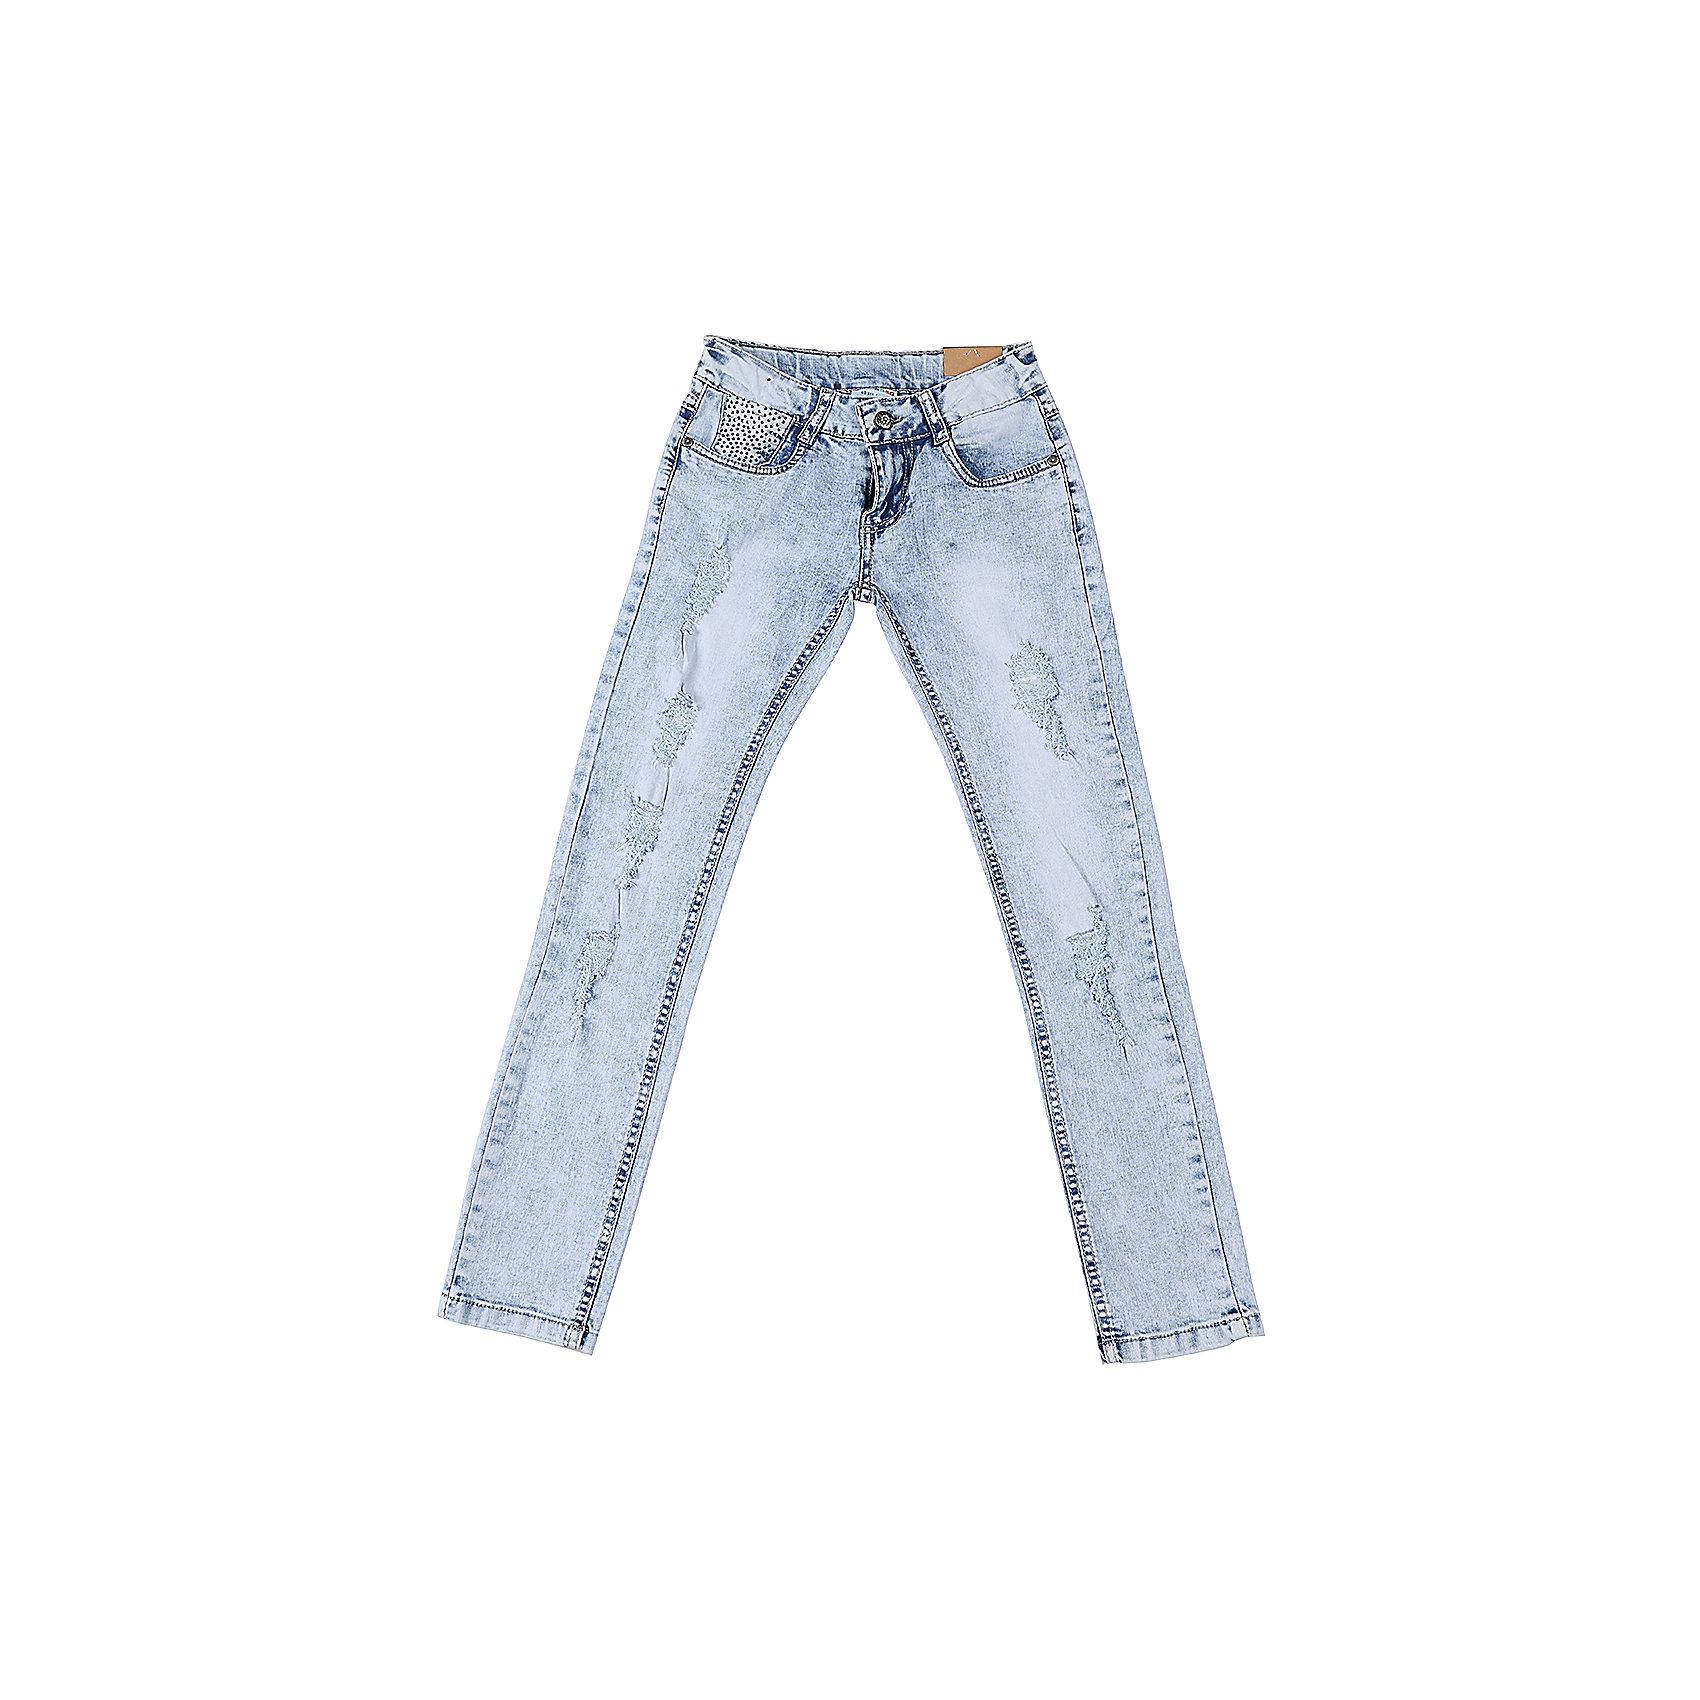 Джинсы для девочки LuminosoДжинсы<br>Джинсы  для девочки с оригинальной варкой, эффектами потертости и рваной джинсы. Имеют зауженный крой, среднюю посадку. Застегиваются на молнию и пуговицу. Шлевки на поясе рассчитаны под ремень. В боковой части пояса находятся вшитые эластичные ленты, регулирующие посадку по талии.<br>Состав:<br>98%хлопок 2%эластан<br><br>Ширина мм: 215<br>Глубина мм: 88<br>Высота мм: 191<br>Вес г: 336<br>Цвет: белый<br>Возраст от месяцев: 96<br>Возраст до месяцев: 108<br>Пол: Женский<br>Возраст: Детский<br>Размер: 134,140,158,164,146,152<br>SKU: 5413143